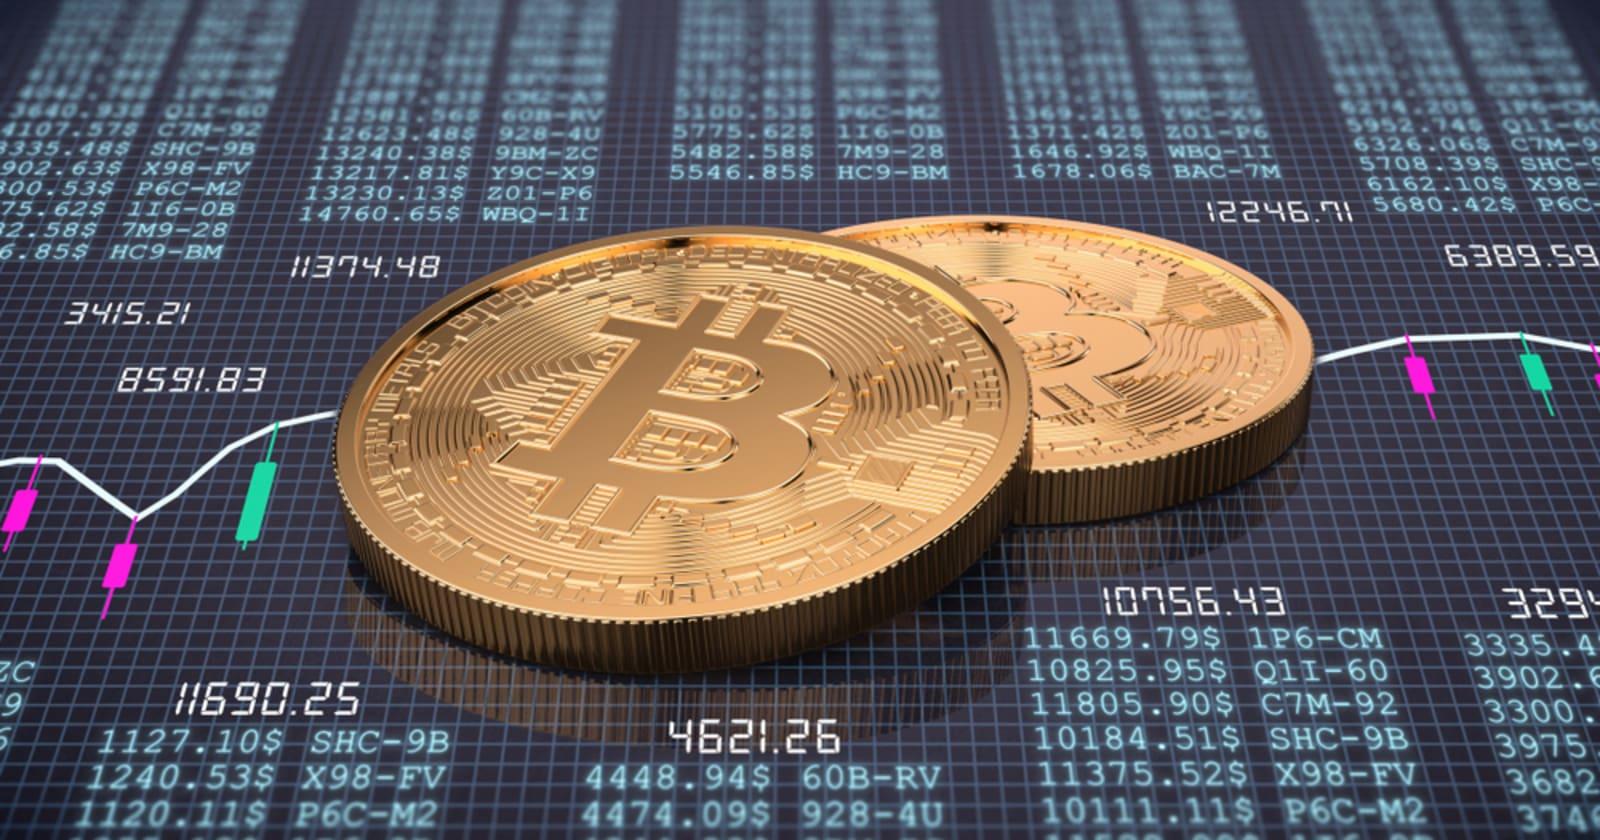 Bitcoin rally to continue